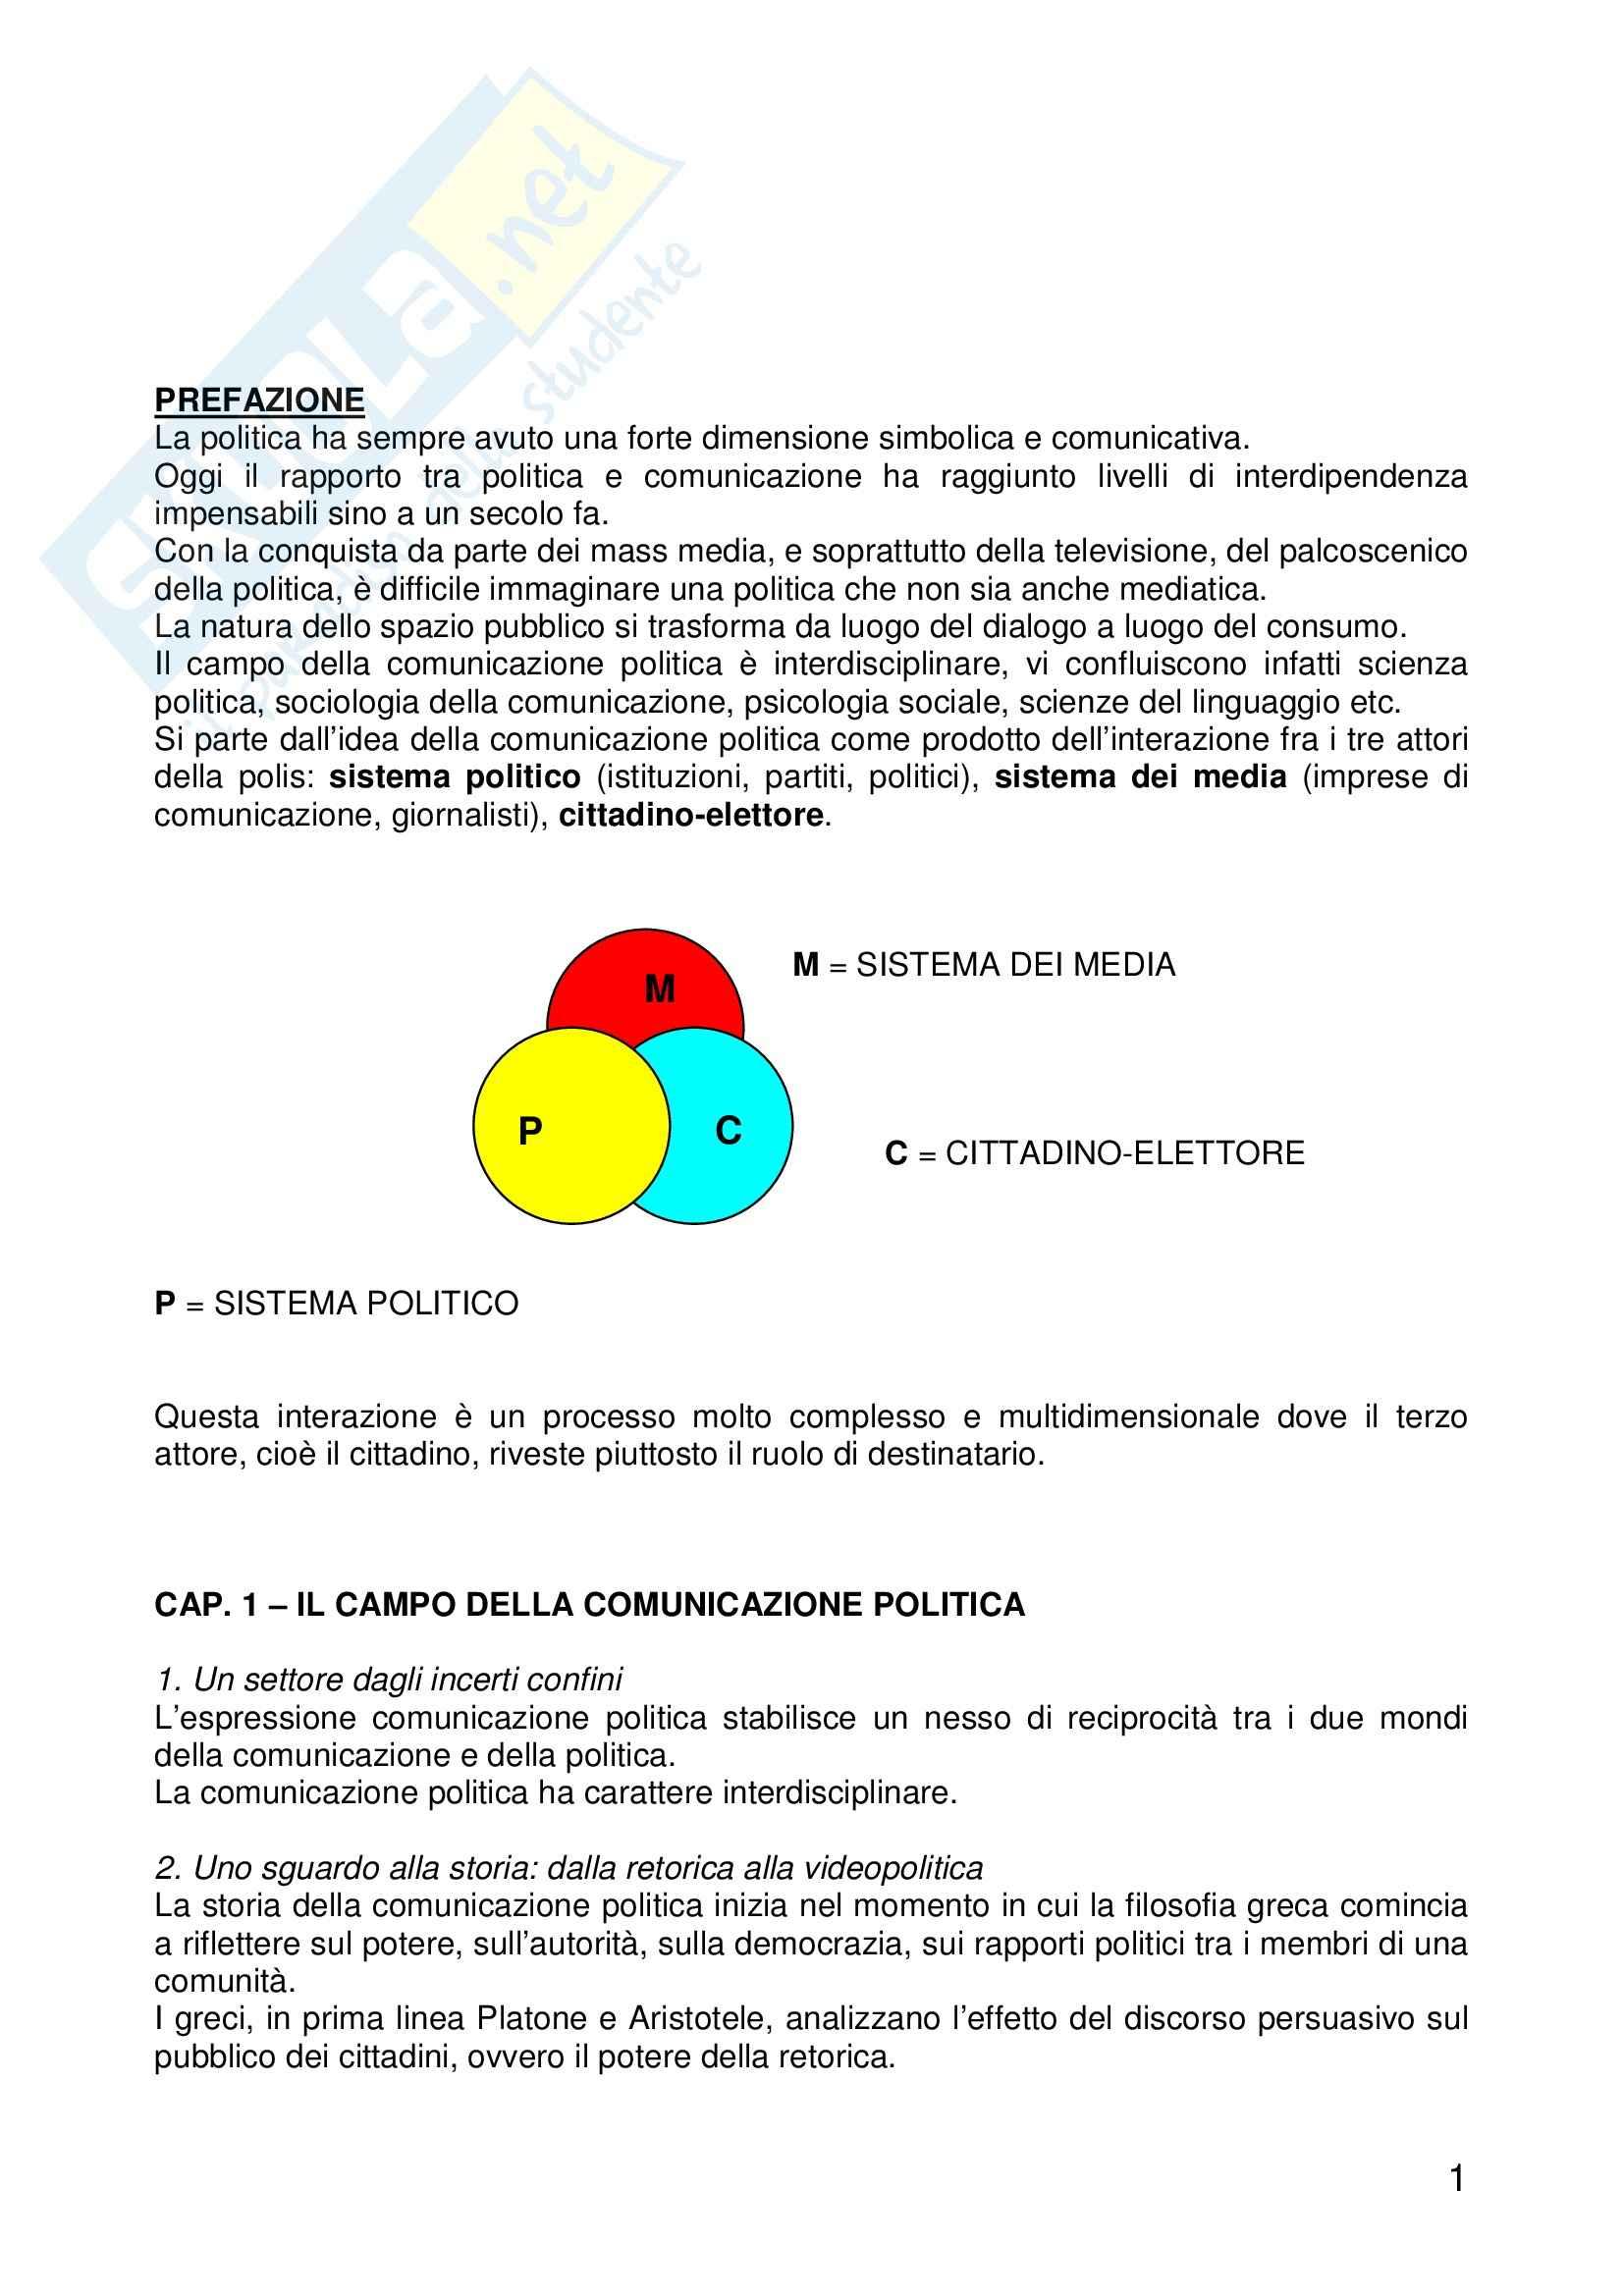 Riassunto esame Sociologia dei Fenomeni Politici, prof. Montanari, libro consigliato La Comunicazione Politica, Mazzoleni